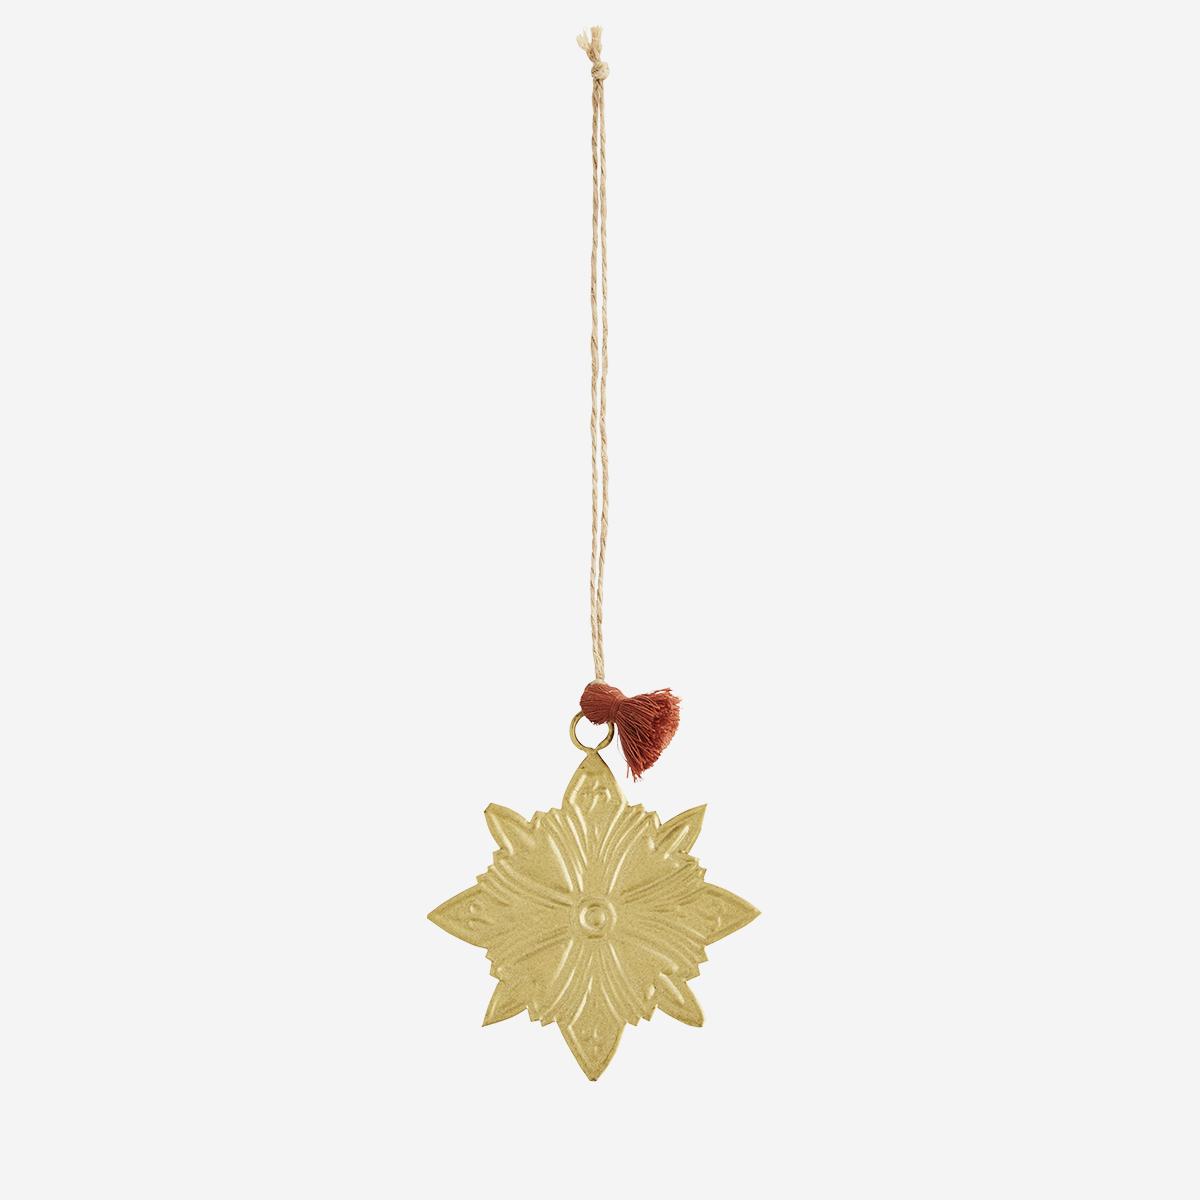 Décoration de Noël - étoile à suspendre en fer doré * Madam Stoltz